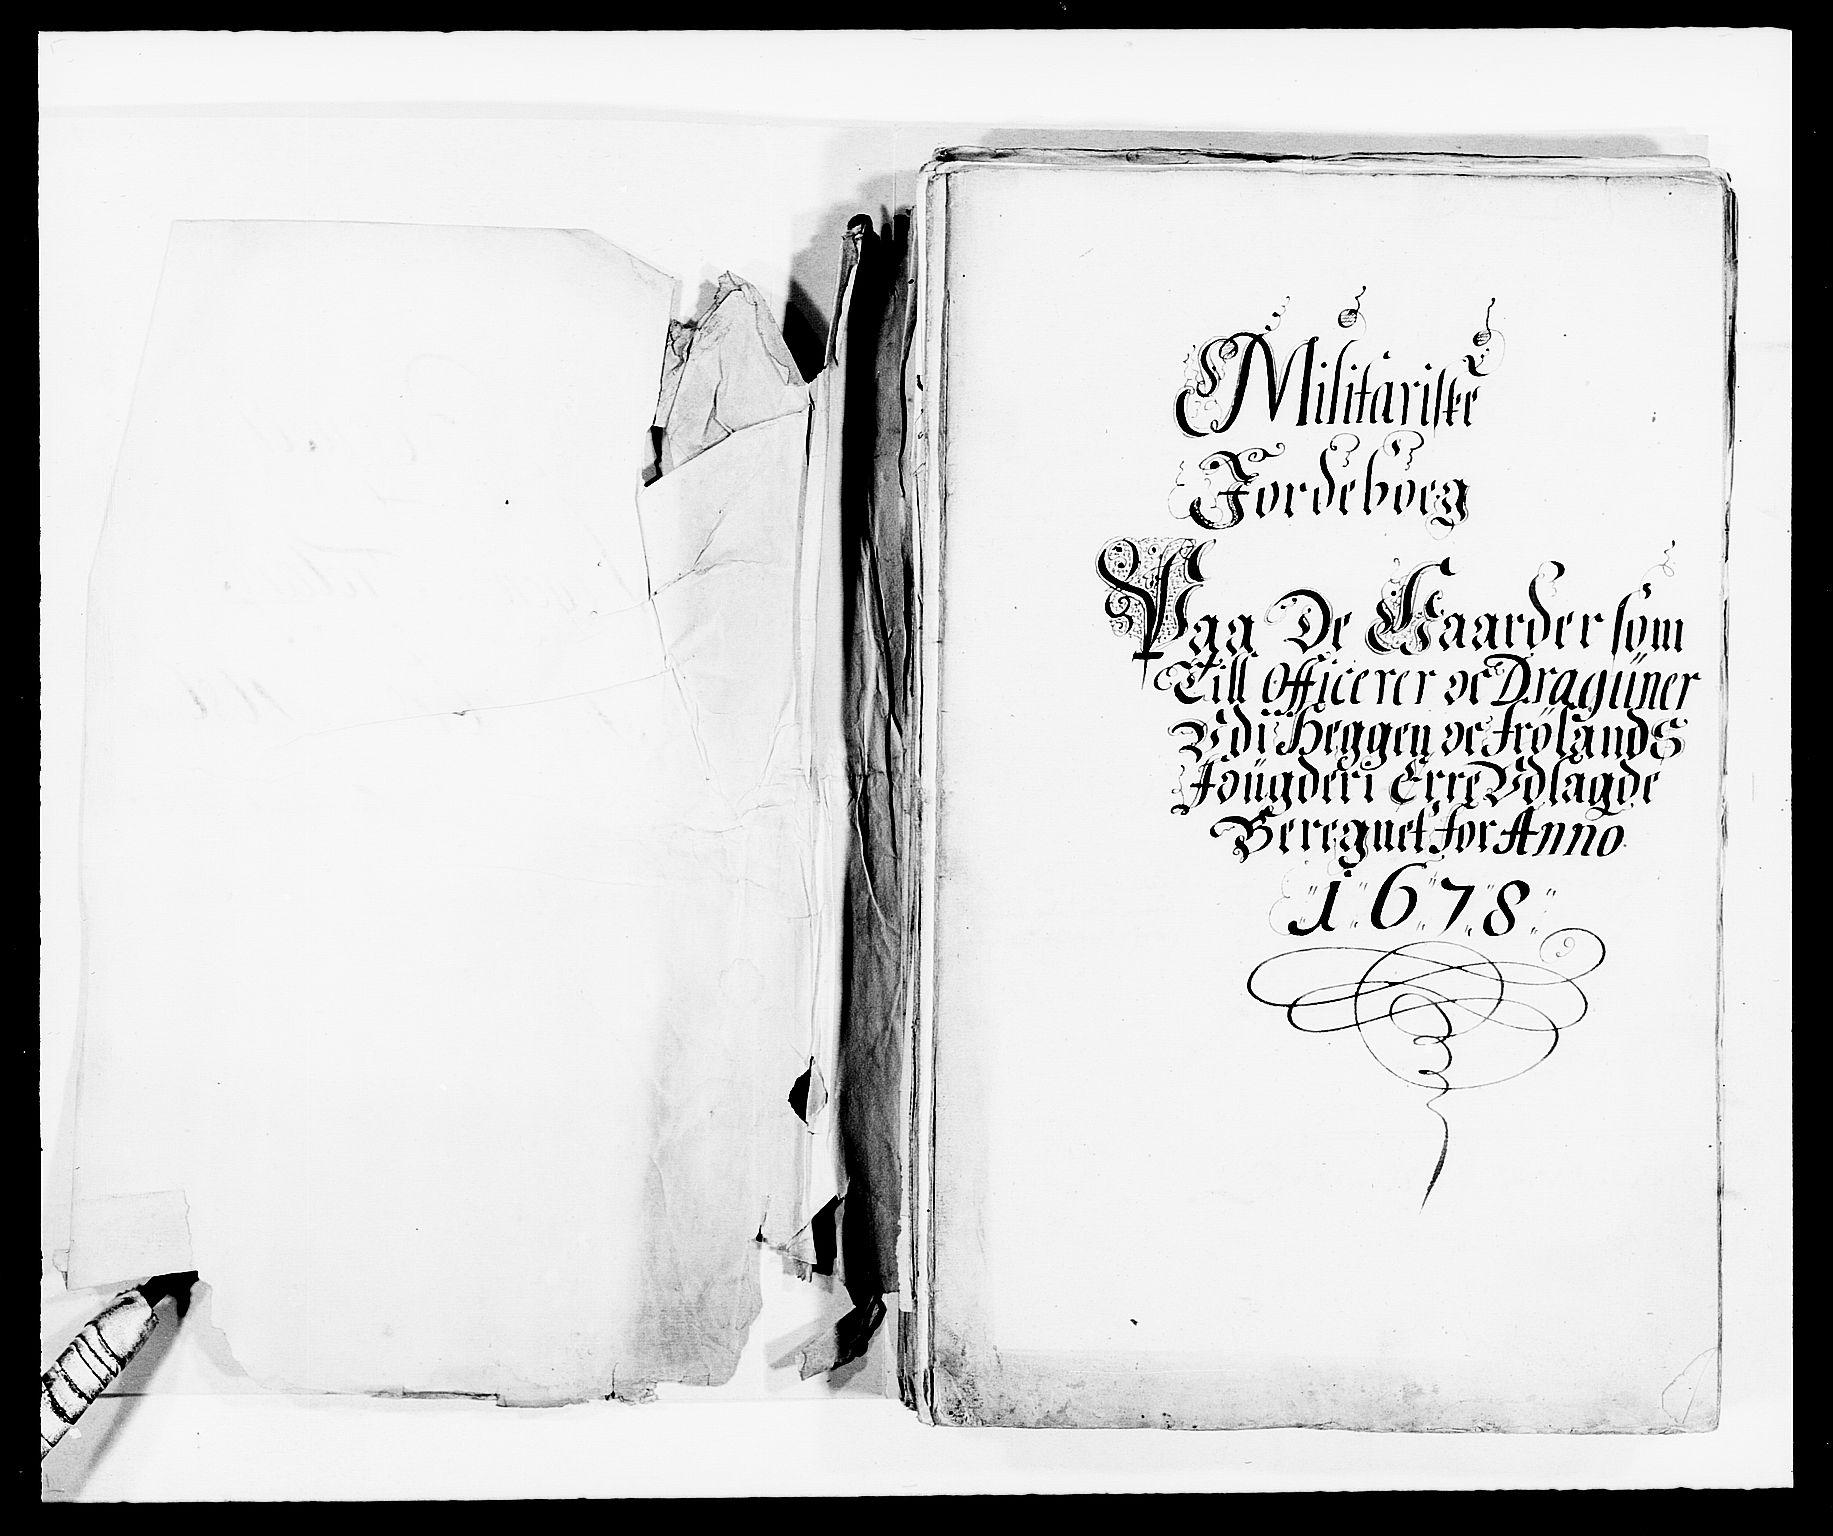 RA, Rentekammeret inntil 1814, Reviderte regnskaper, Fogderegnskap, R06/L0281: Fogderegnskap Heggen og Frøland, 1678-1686, s. 123